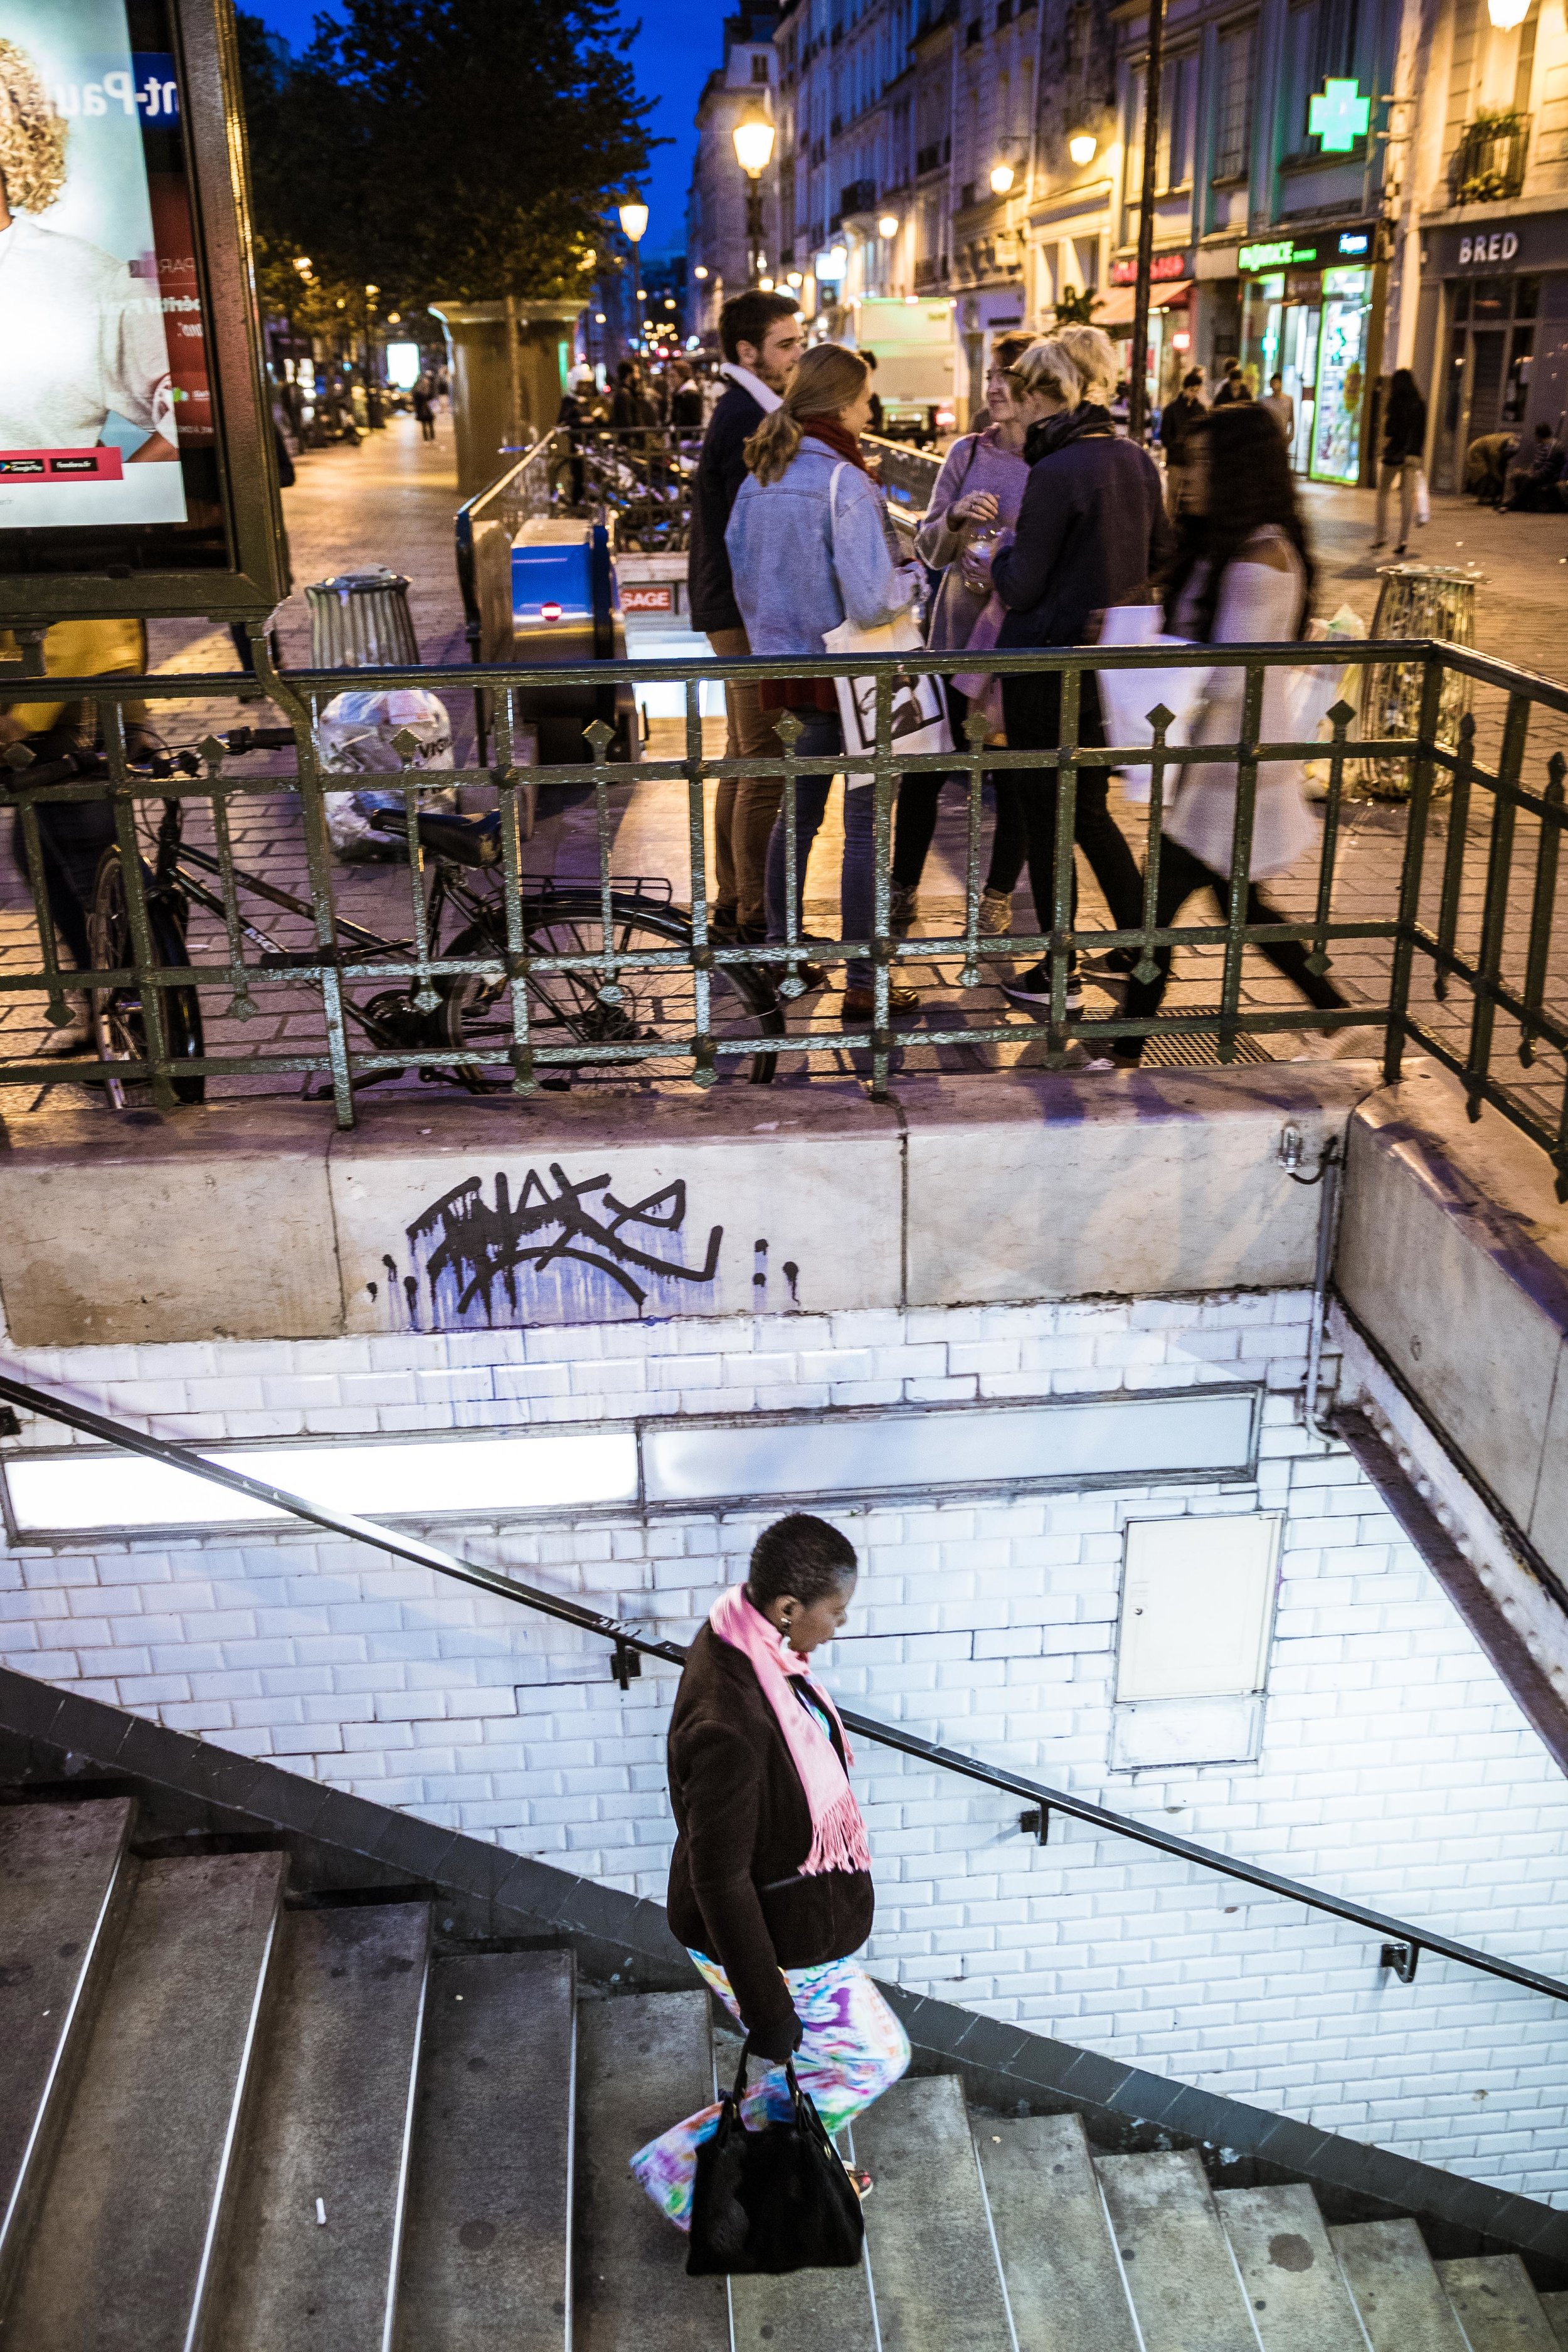 Fra-Paris-WomanEnteringStPaulMetro.jpg